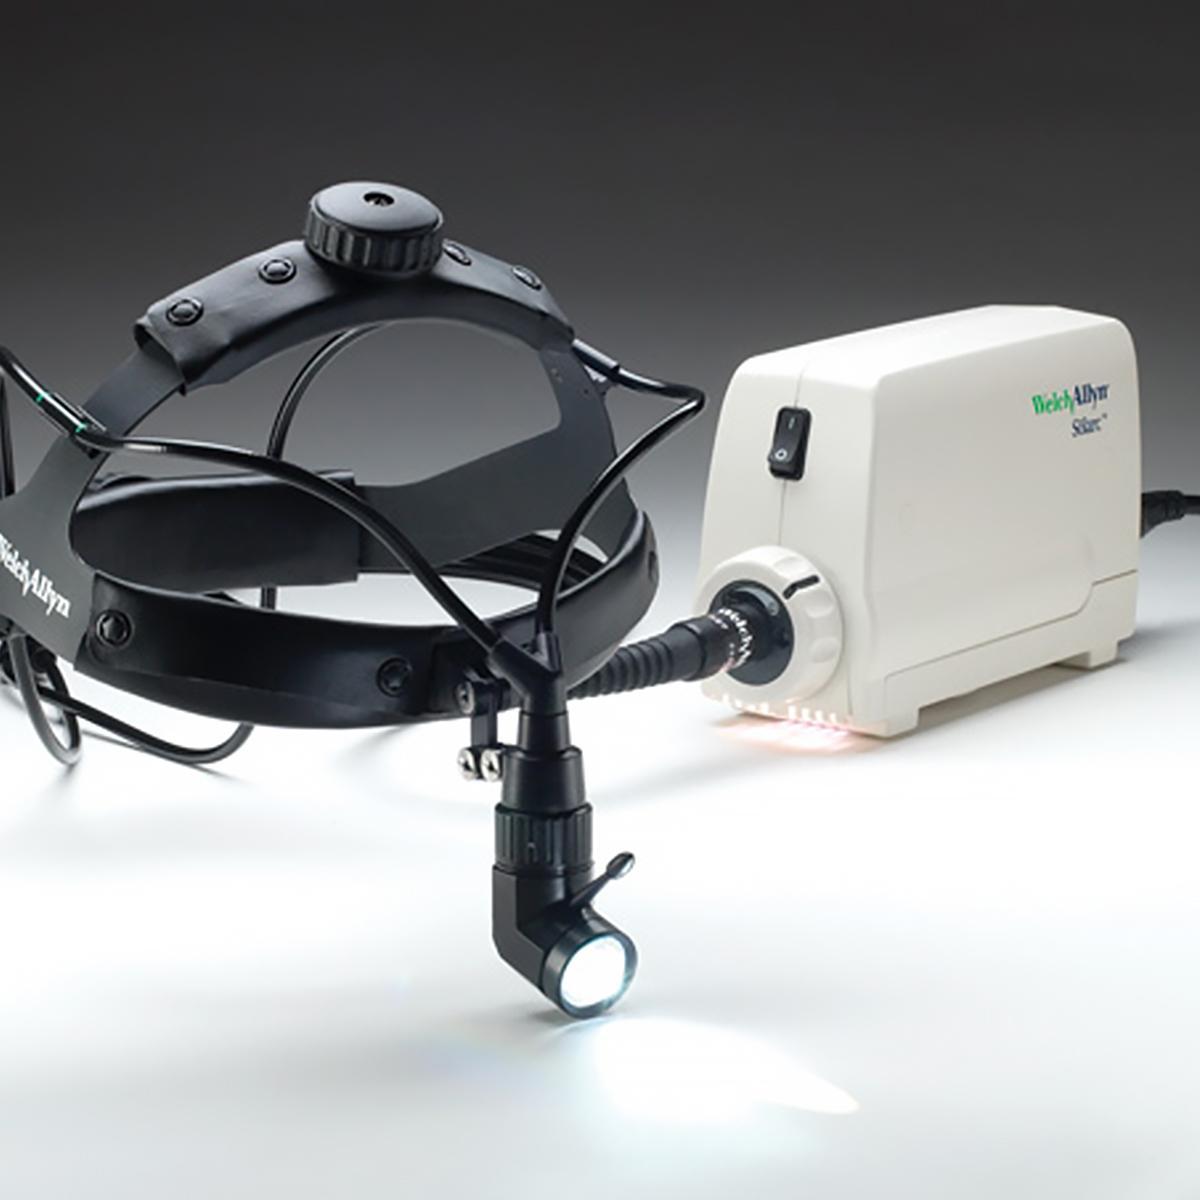 Lampe frontale chirurgicale WelchAllyn MFISolarc, branchée à sa base. La lampe est fixée à un serre-tête noir ajustable.